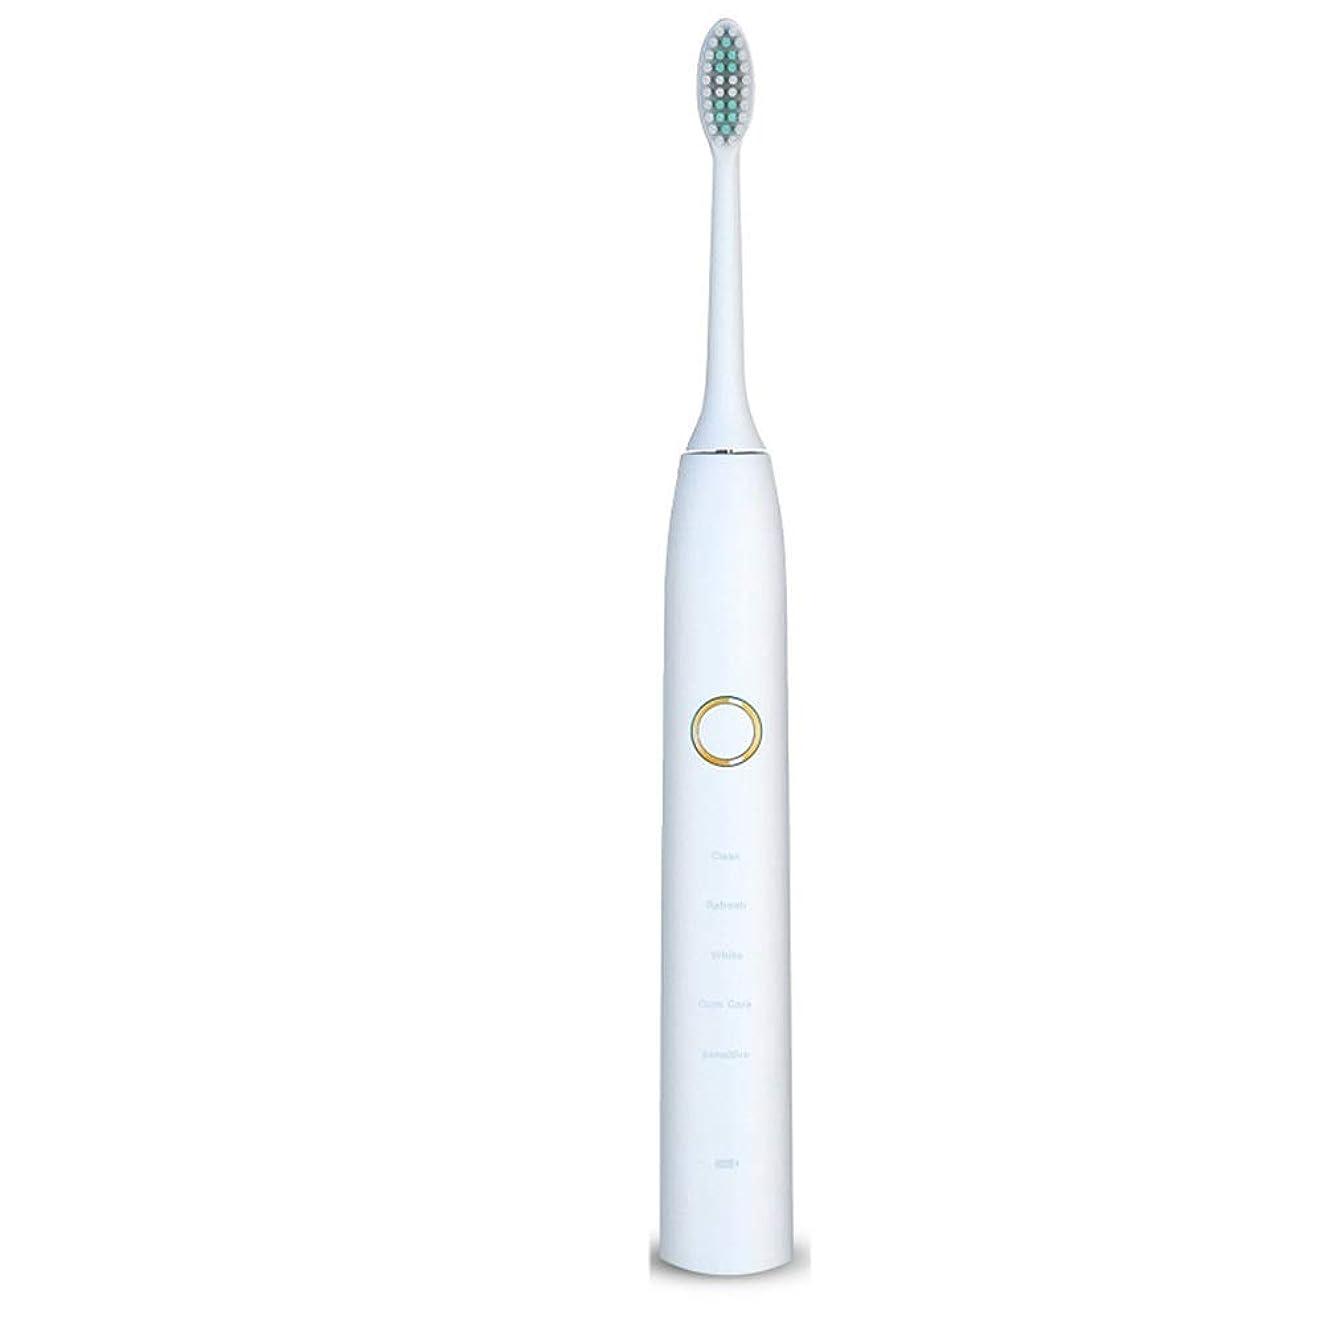 きちんとした見落とす取り扱い電動歯ブラシ 電動歯ブラシUSB充電式ソフトヘア保護クリーンホワイトニング歯ブラシ (色 : 白, サイズ : Free size)